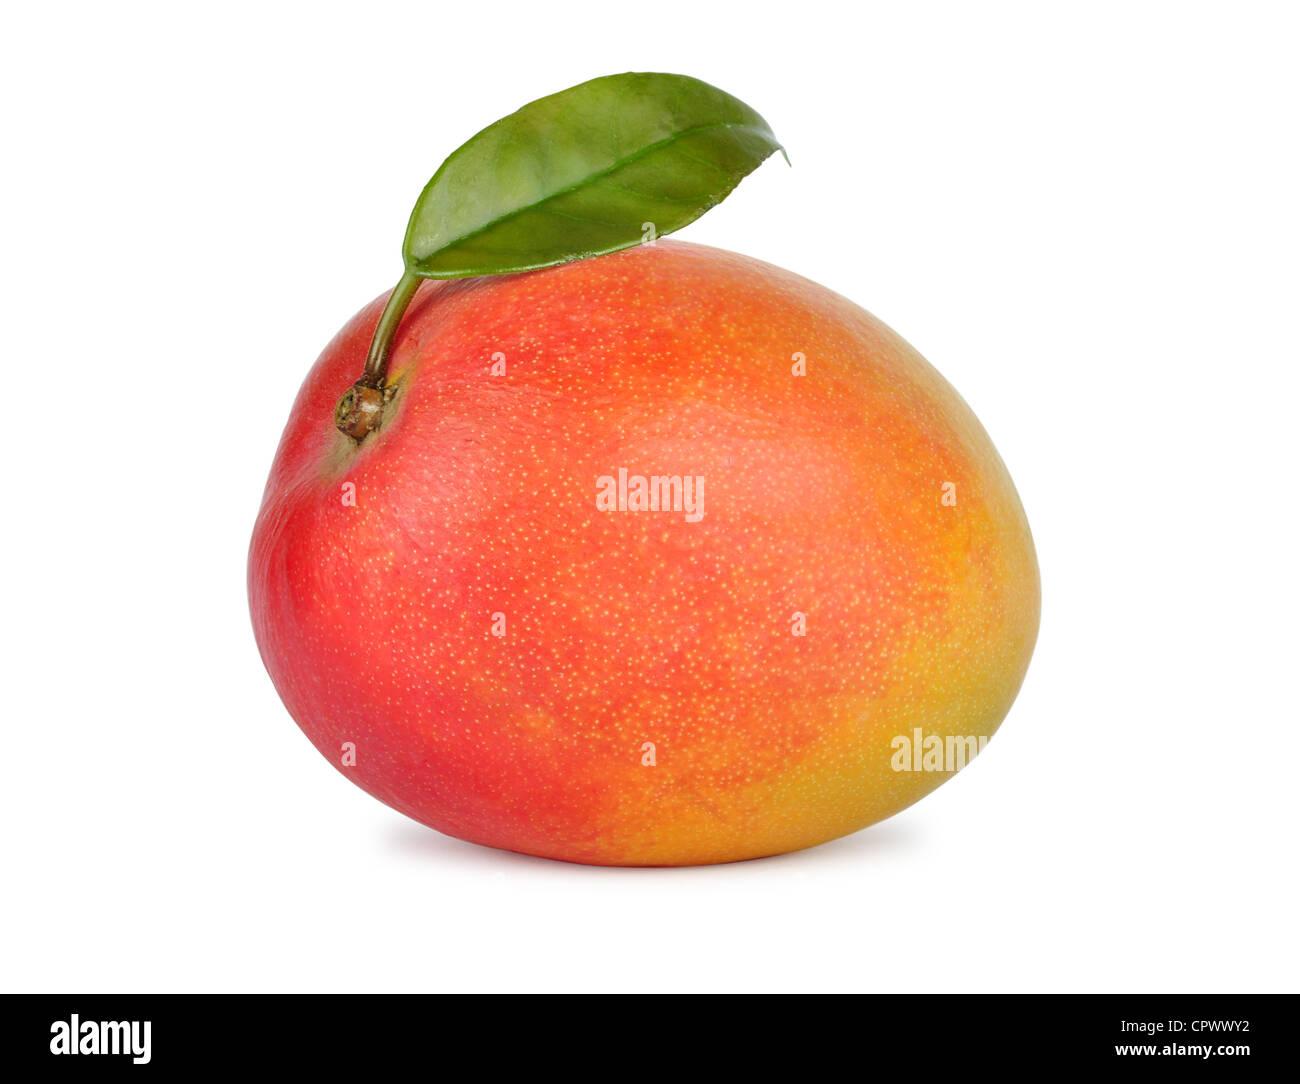 Ripe fresh mango fruit isolated on white background - Stock Image